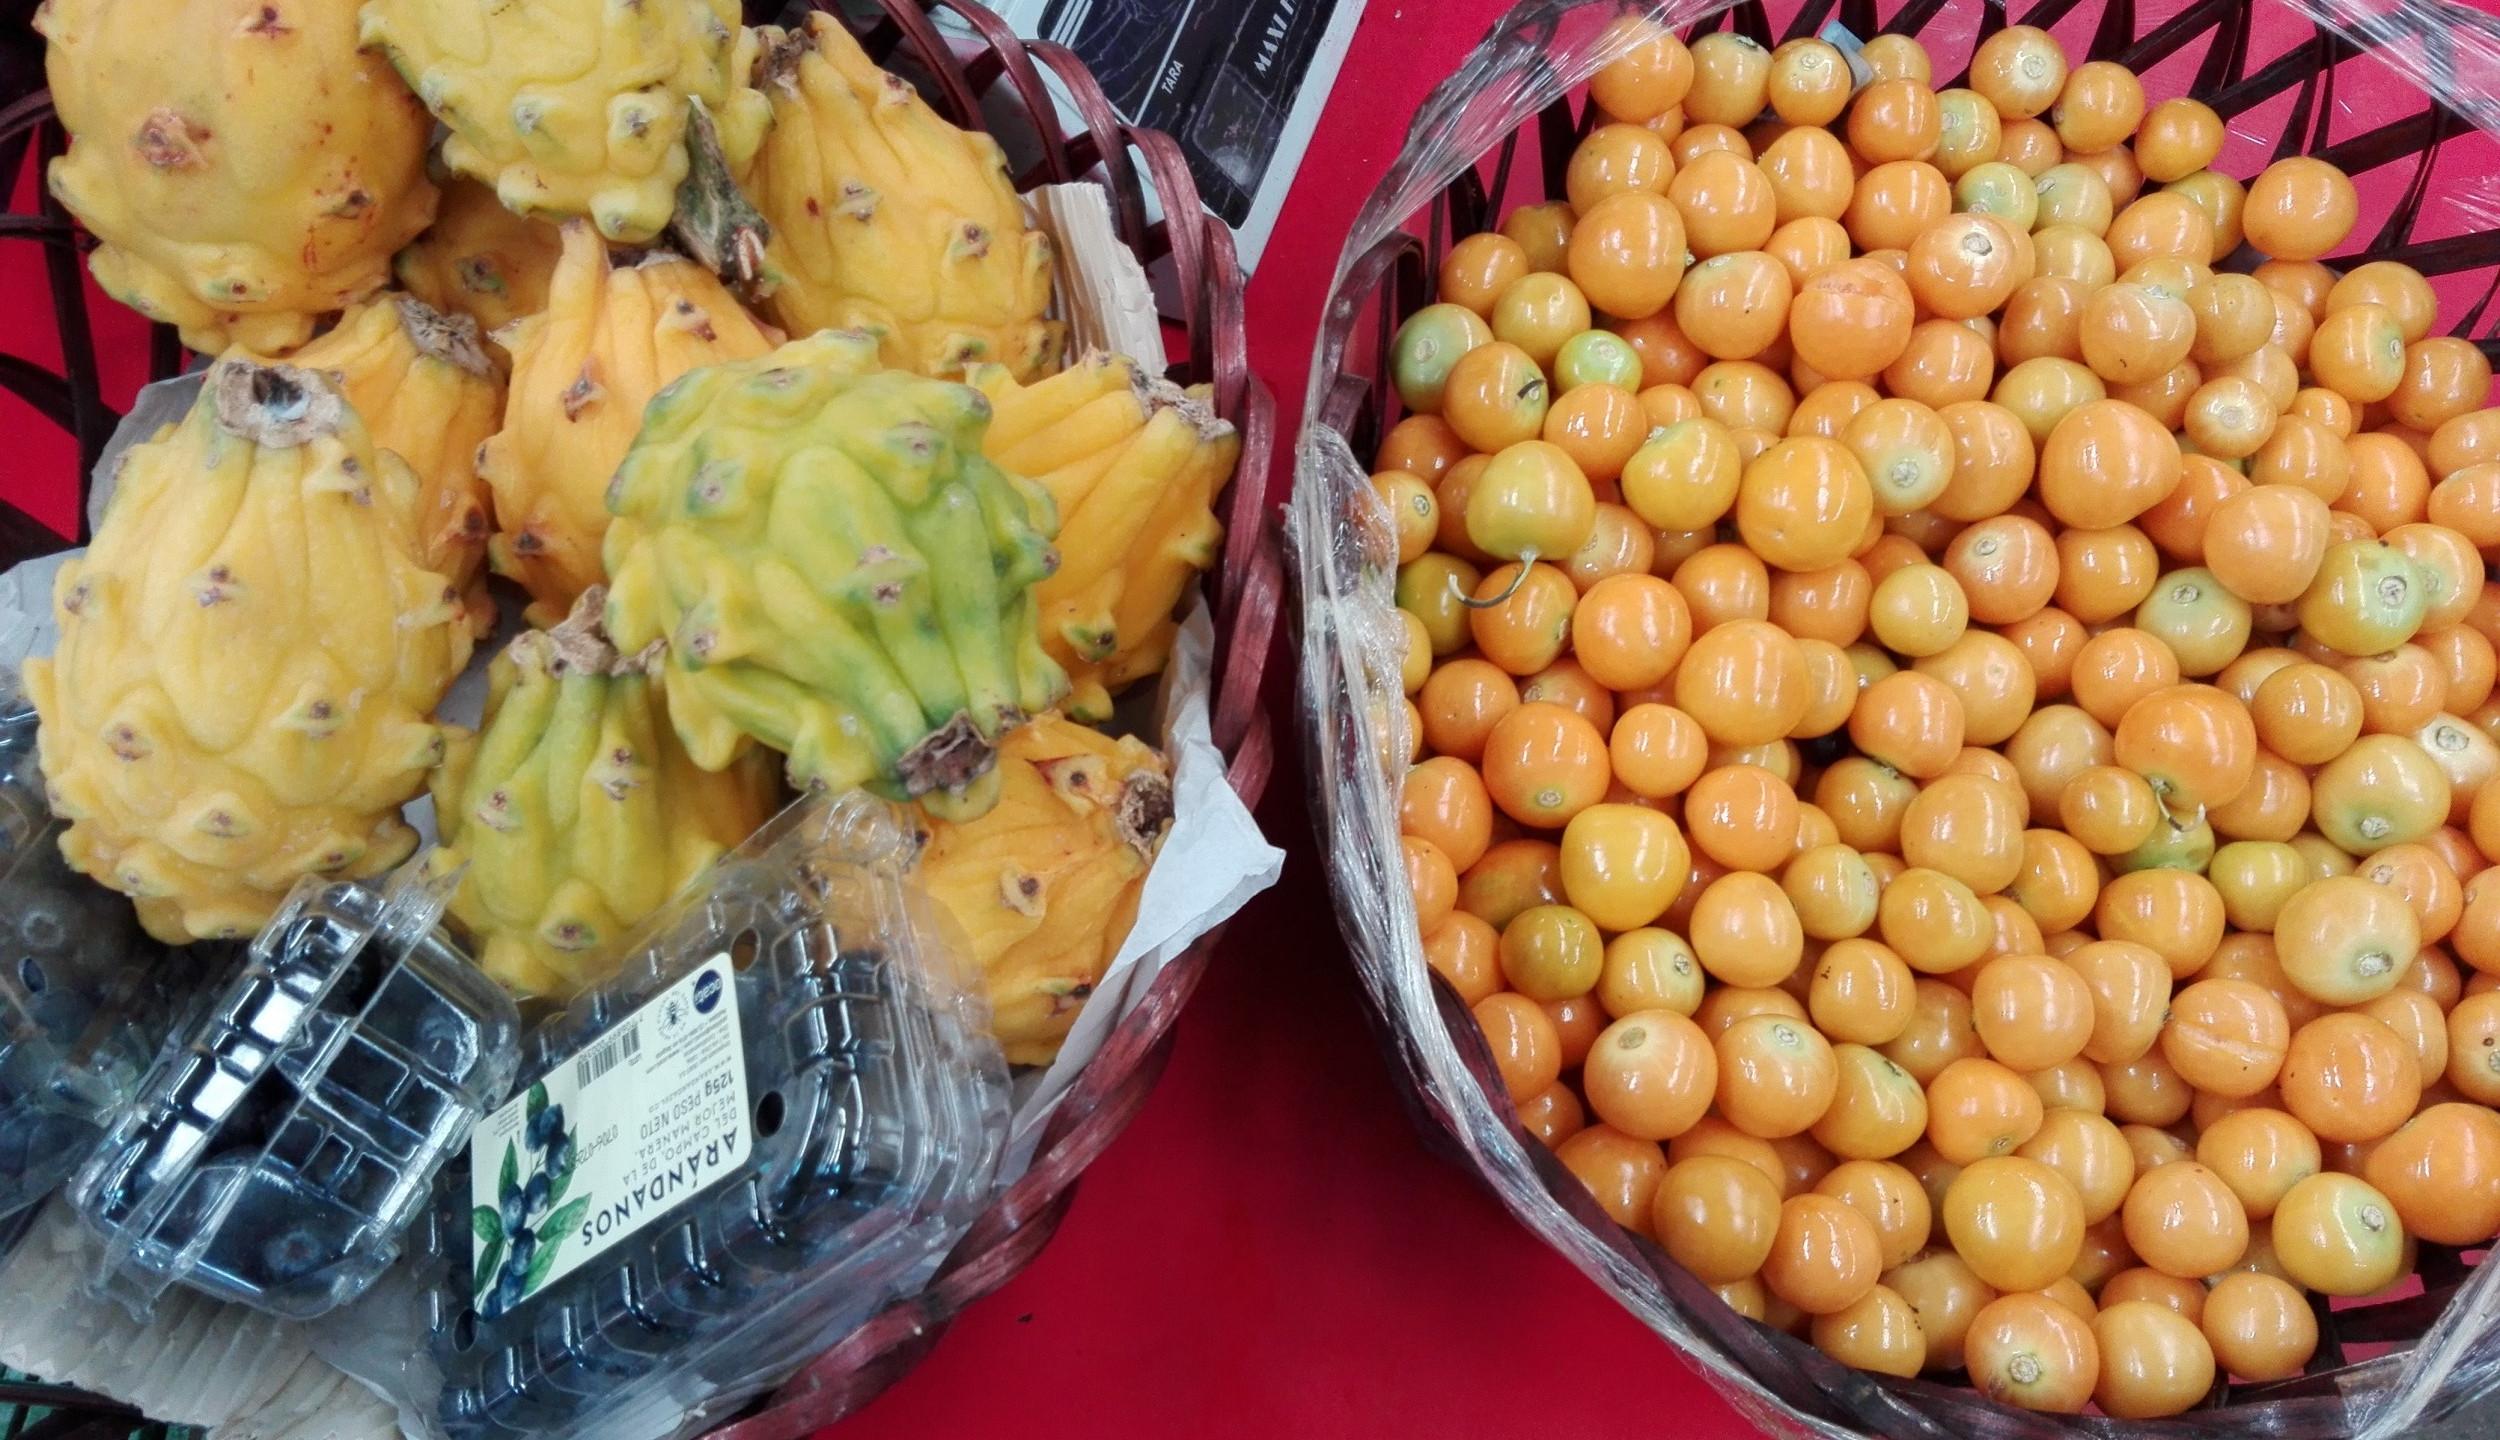 Productos a la venta en Frutilandia